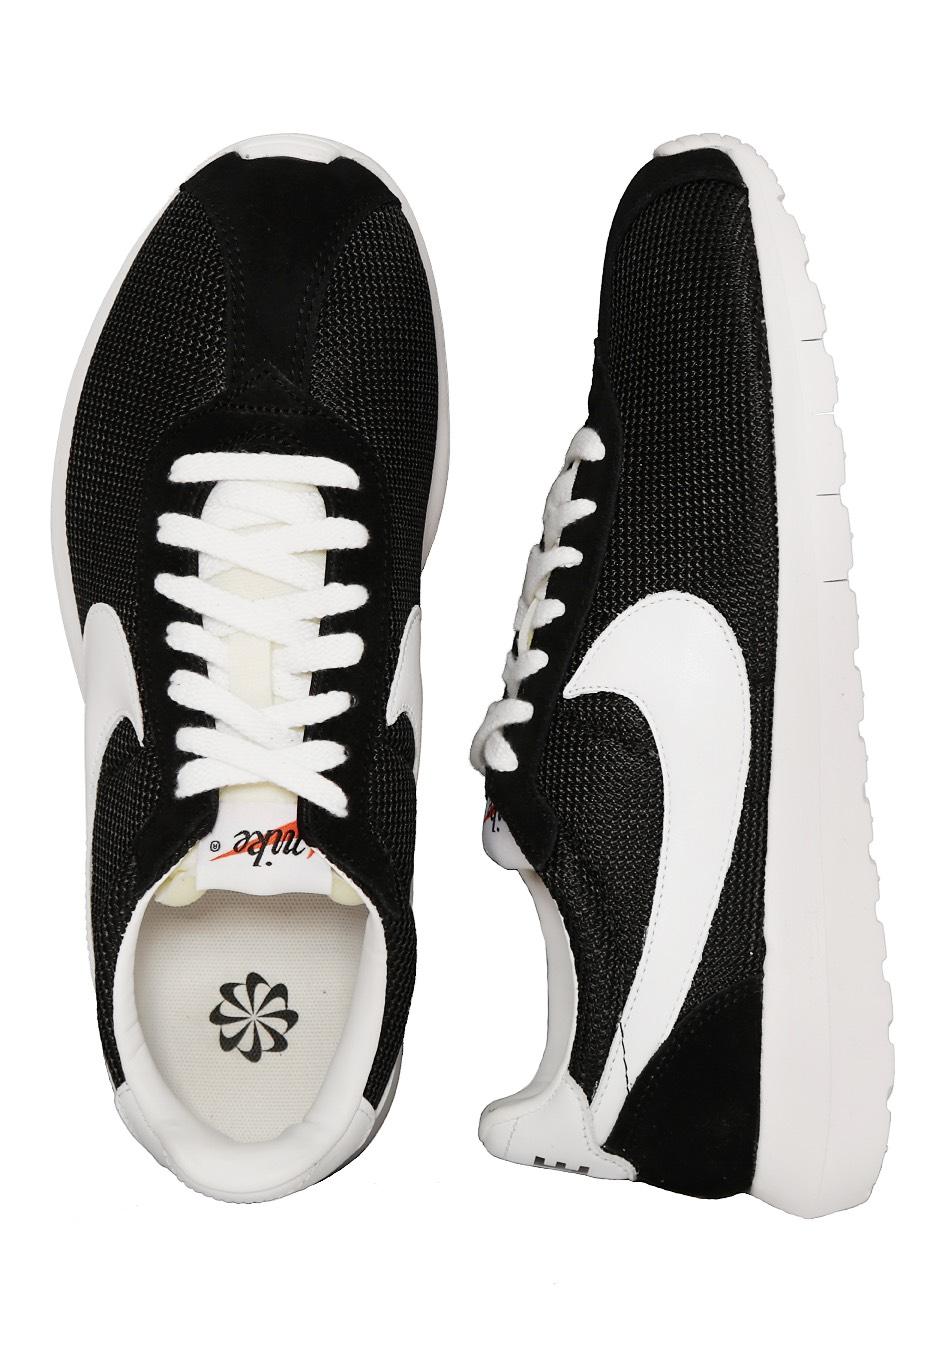 online retailer af231 38d40 Nike - Roshe LD-1000 QS Black White - Shoes - Impericon.com US